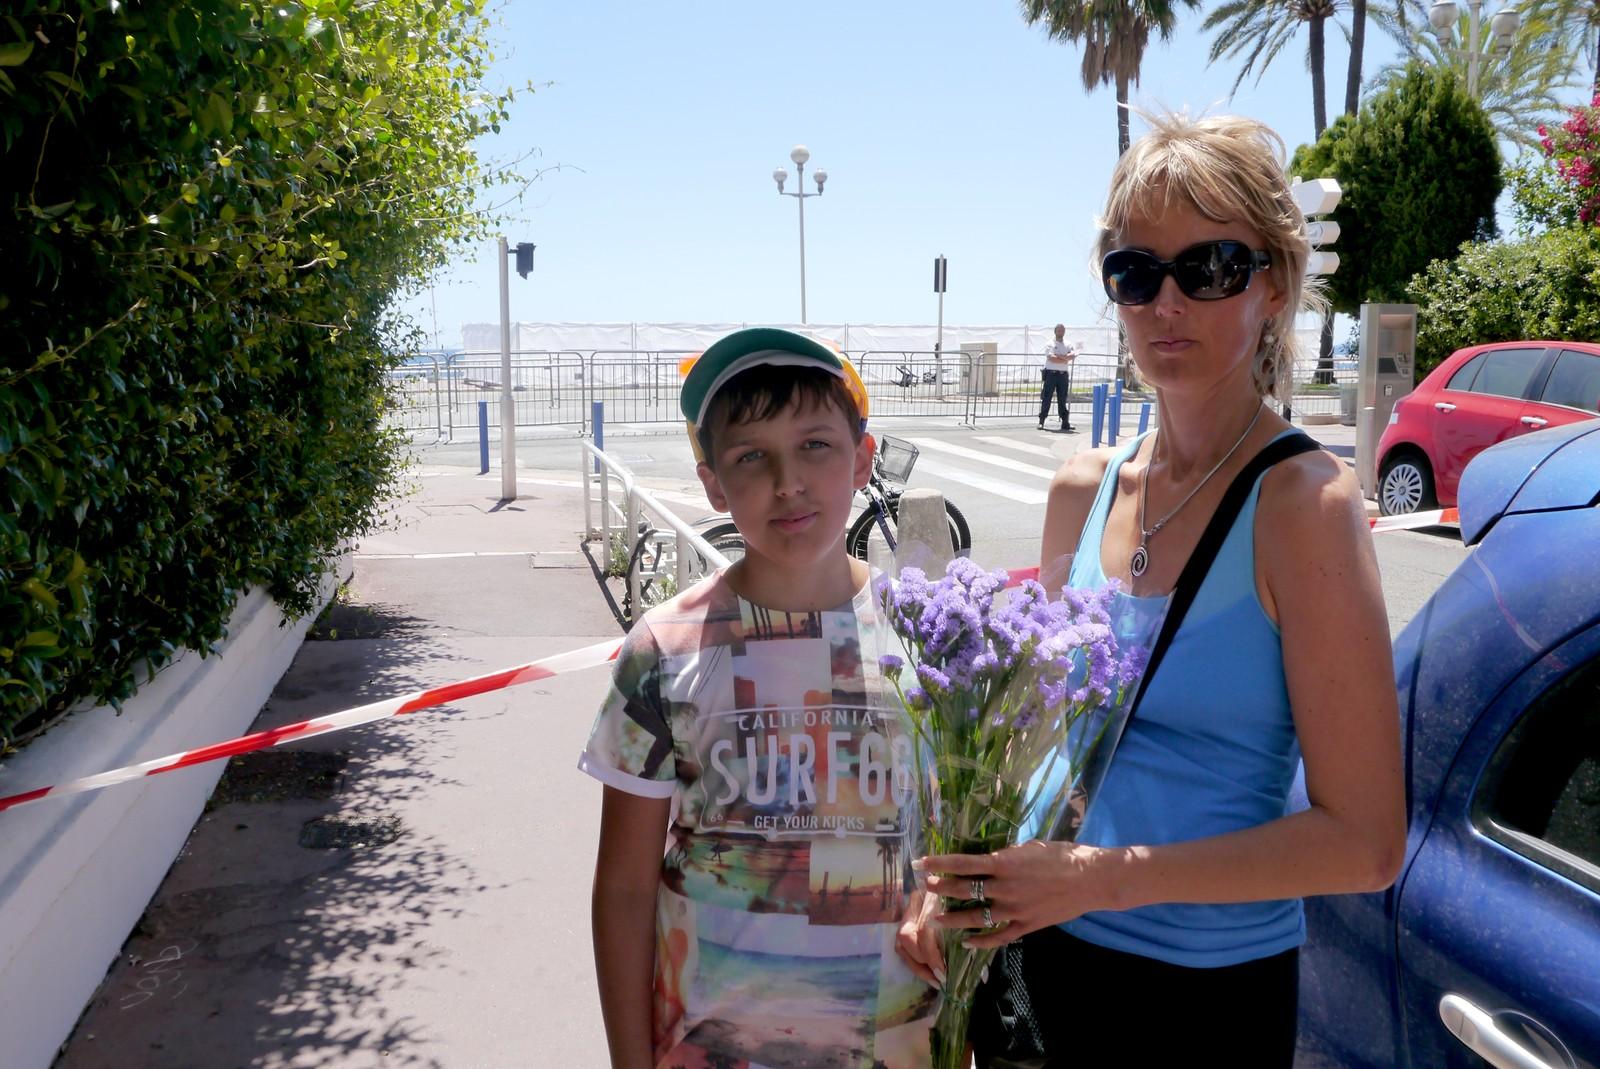 Slovakiske Lina Kurucova har med sønnen sin Milos Kuruc på ferie i Nice. Hotellet deres ligger midt på strandpromenaden der angrepet skjedde. Begge var tydelig preget fredag. - Jeg vil gi blomster til personene som ble truffet, sier Milos til NRK.